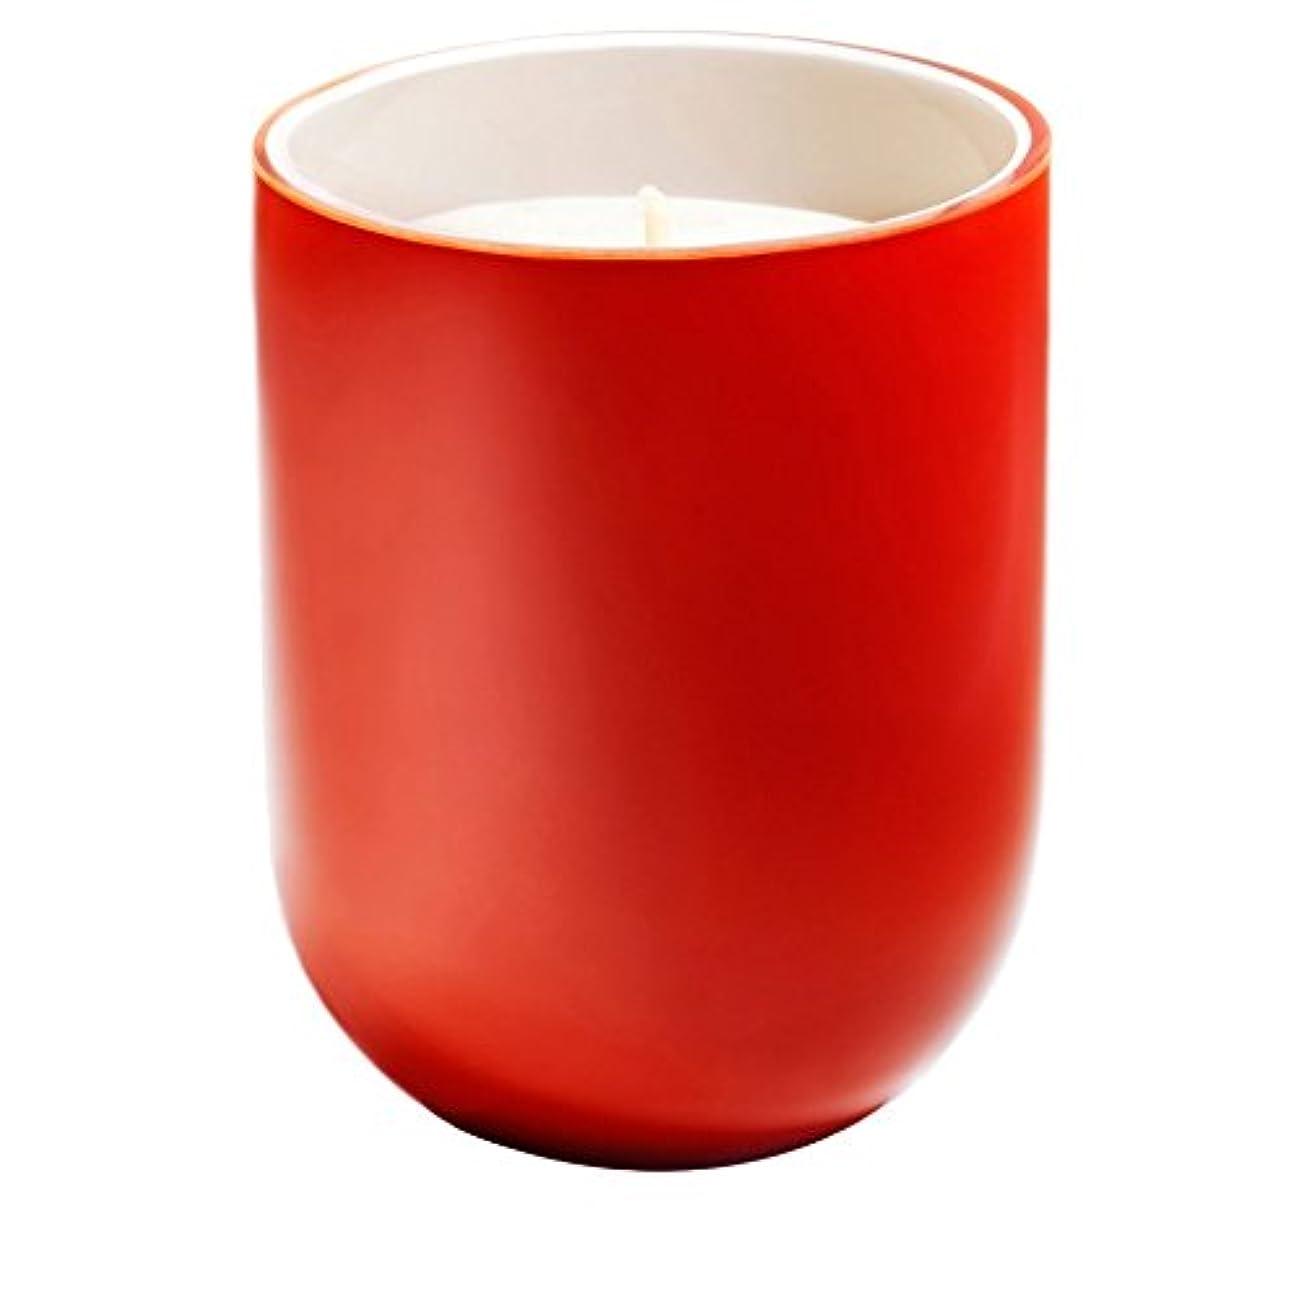 スカウト放置区別するFrederic Malle Russian Night Scented Candle (Pack of 2) - フレデリック?マルロシアの夜香りのキャンドル x2 [並行輸入品]